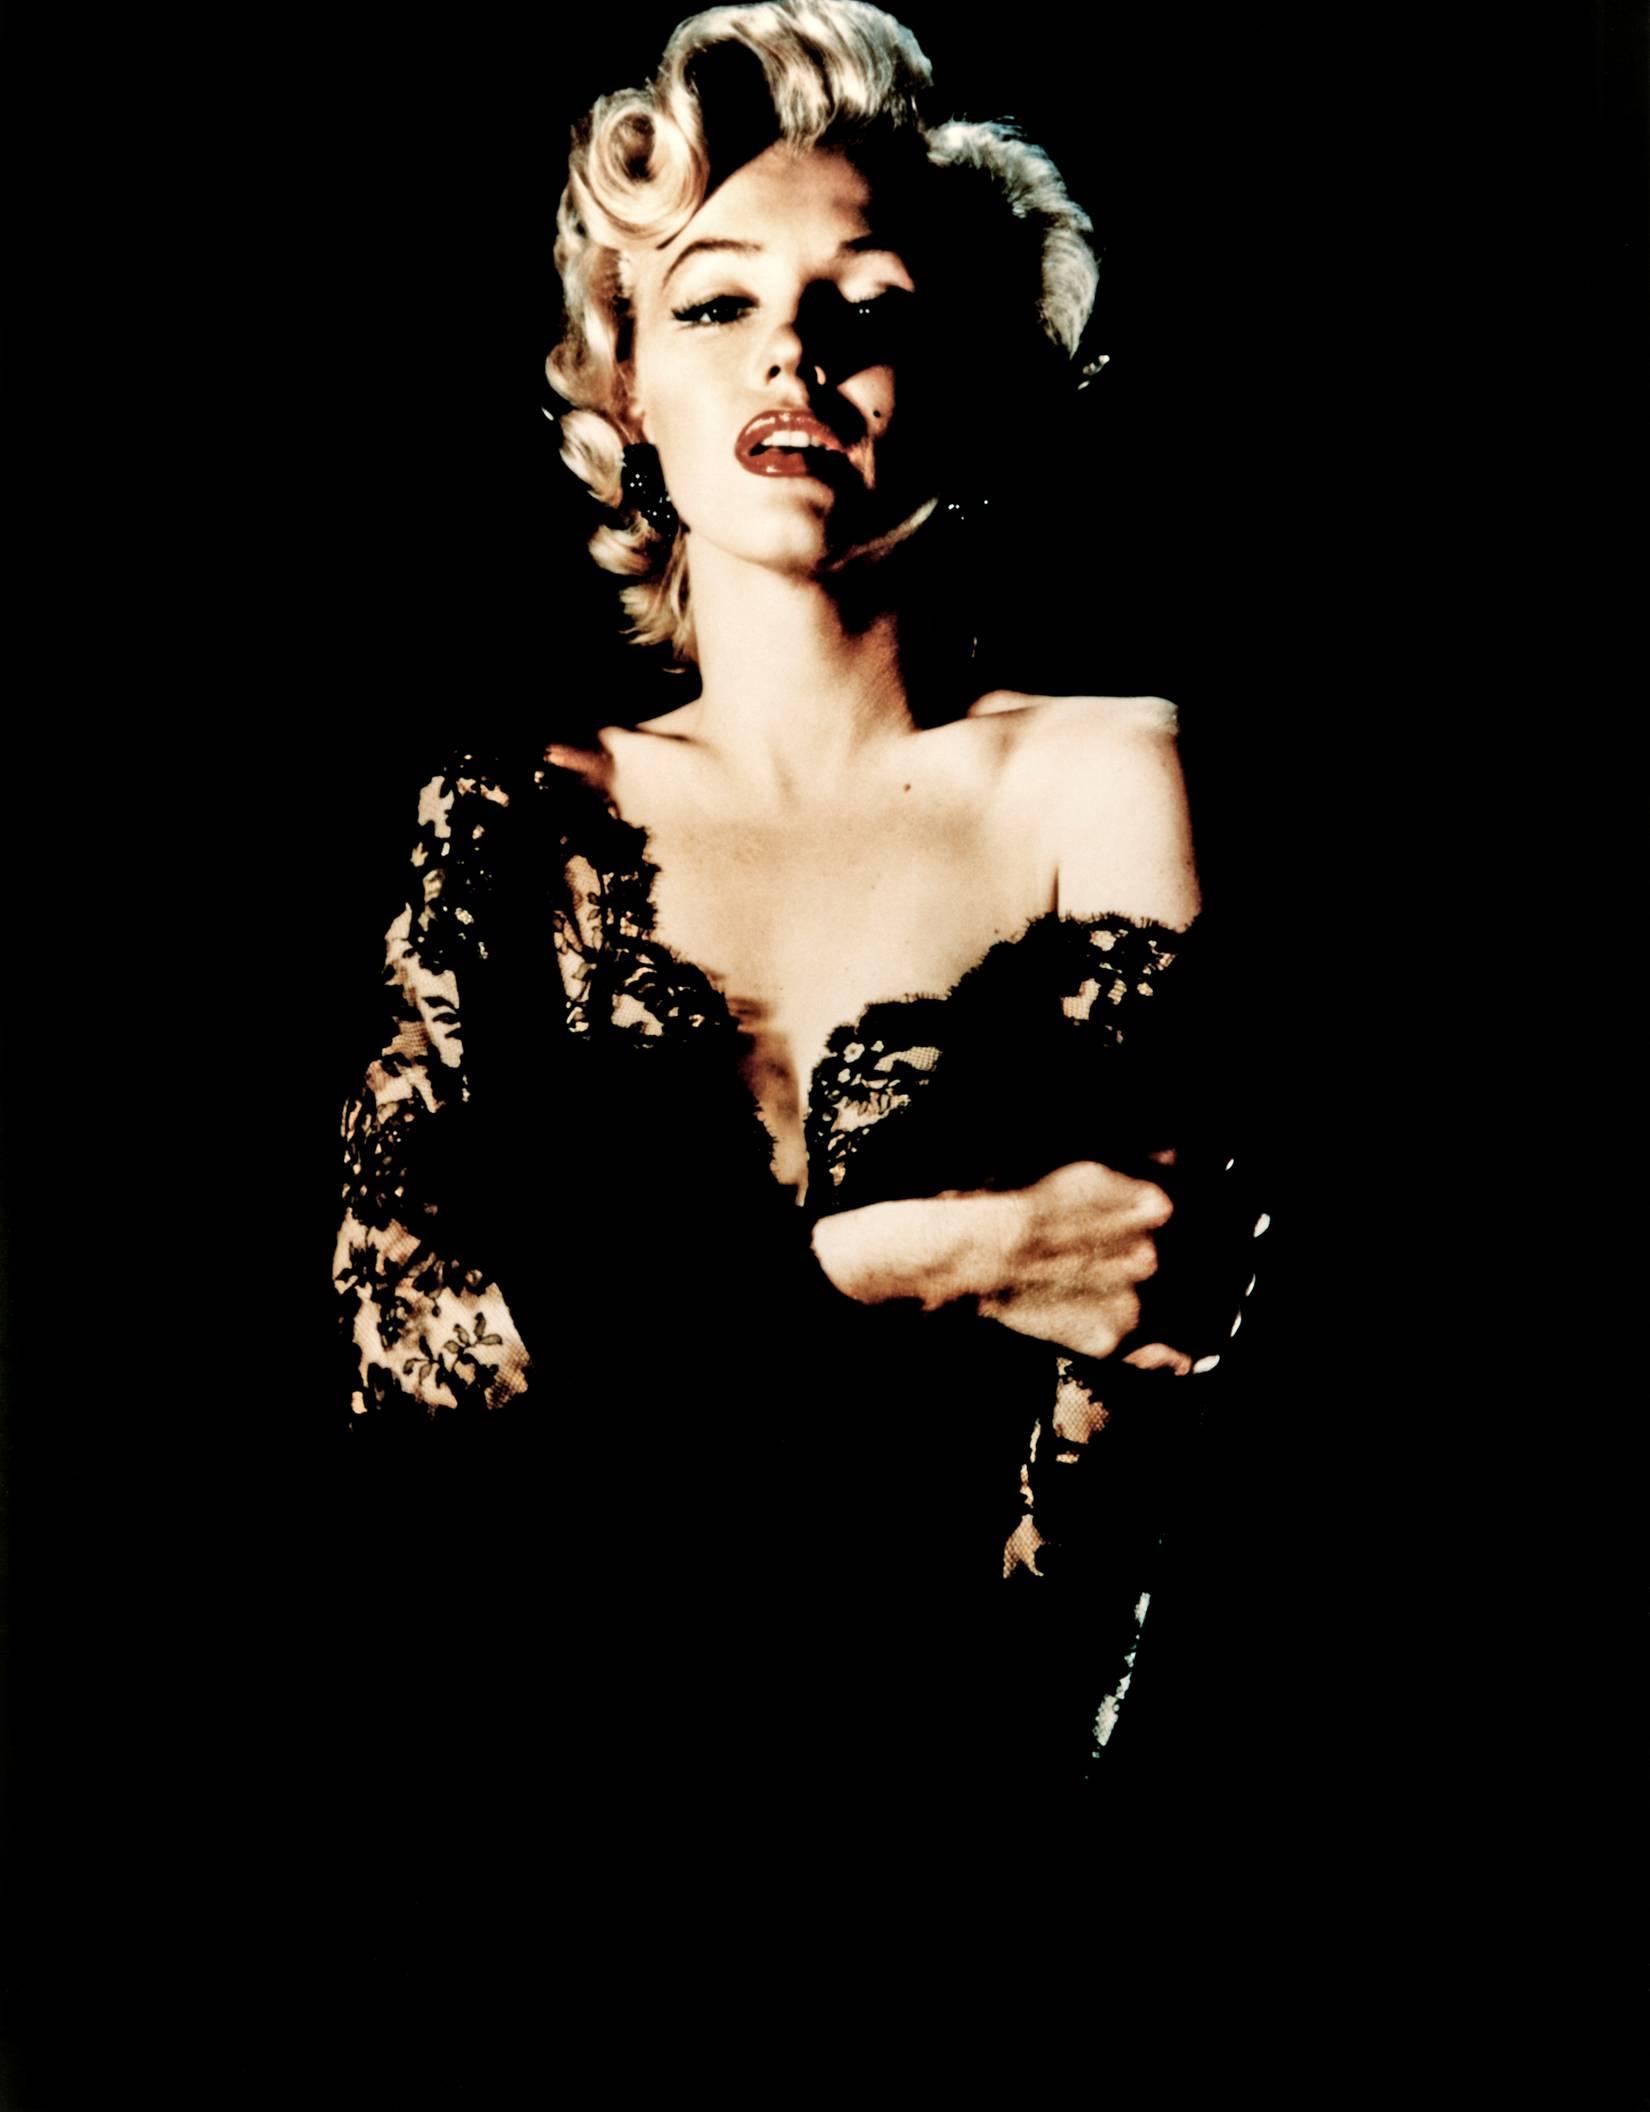 Постер Monroe, Marilyn.